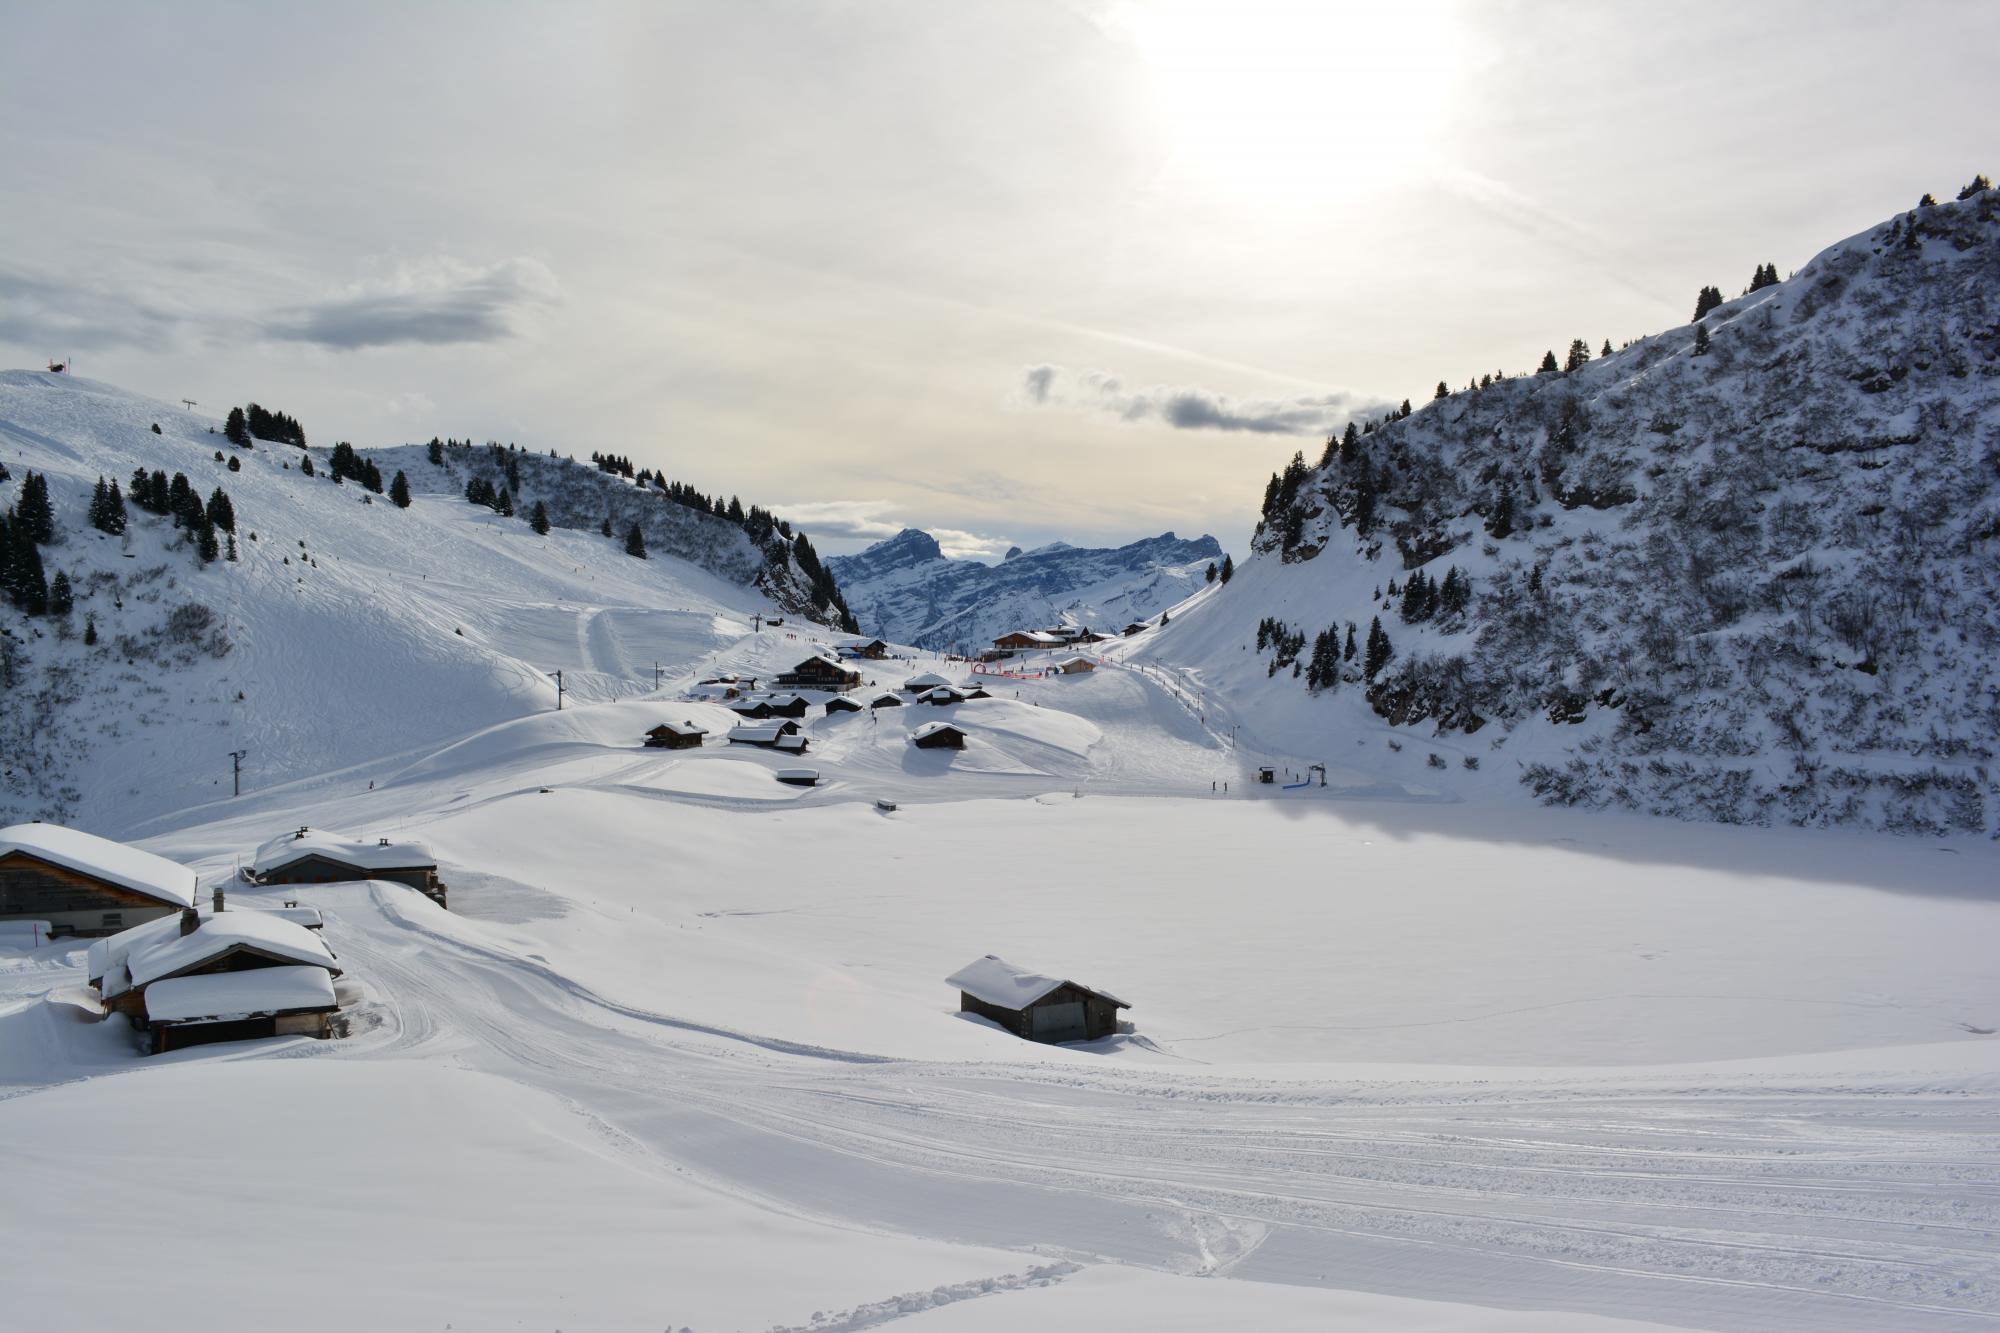 Parcours bretaye lac des chavonnes 467 villars gryon les diablerets bex suisse - Office tourisme diablerets ...